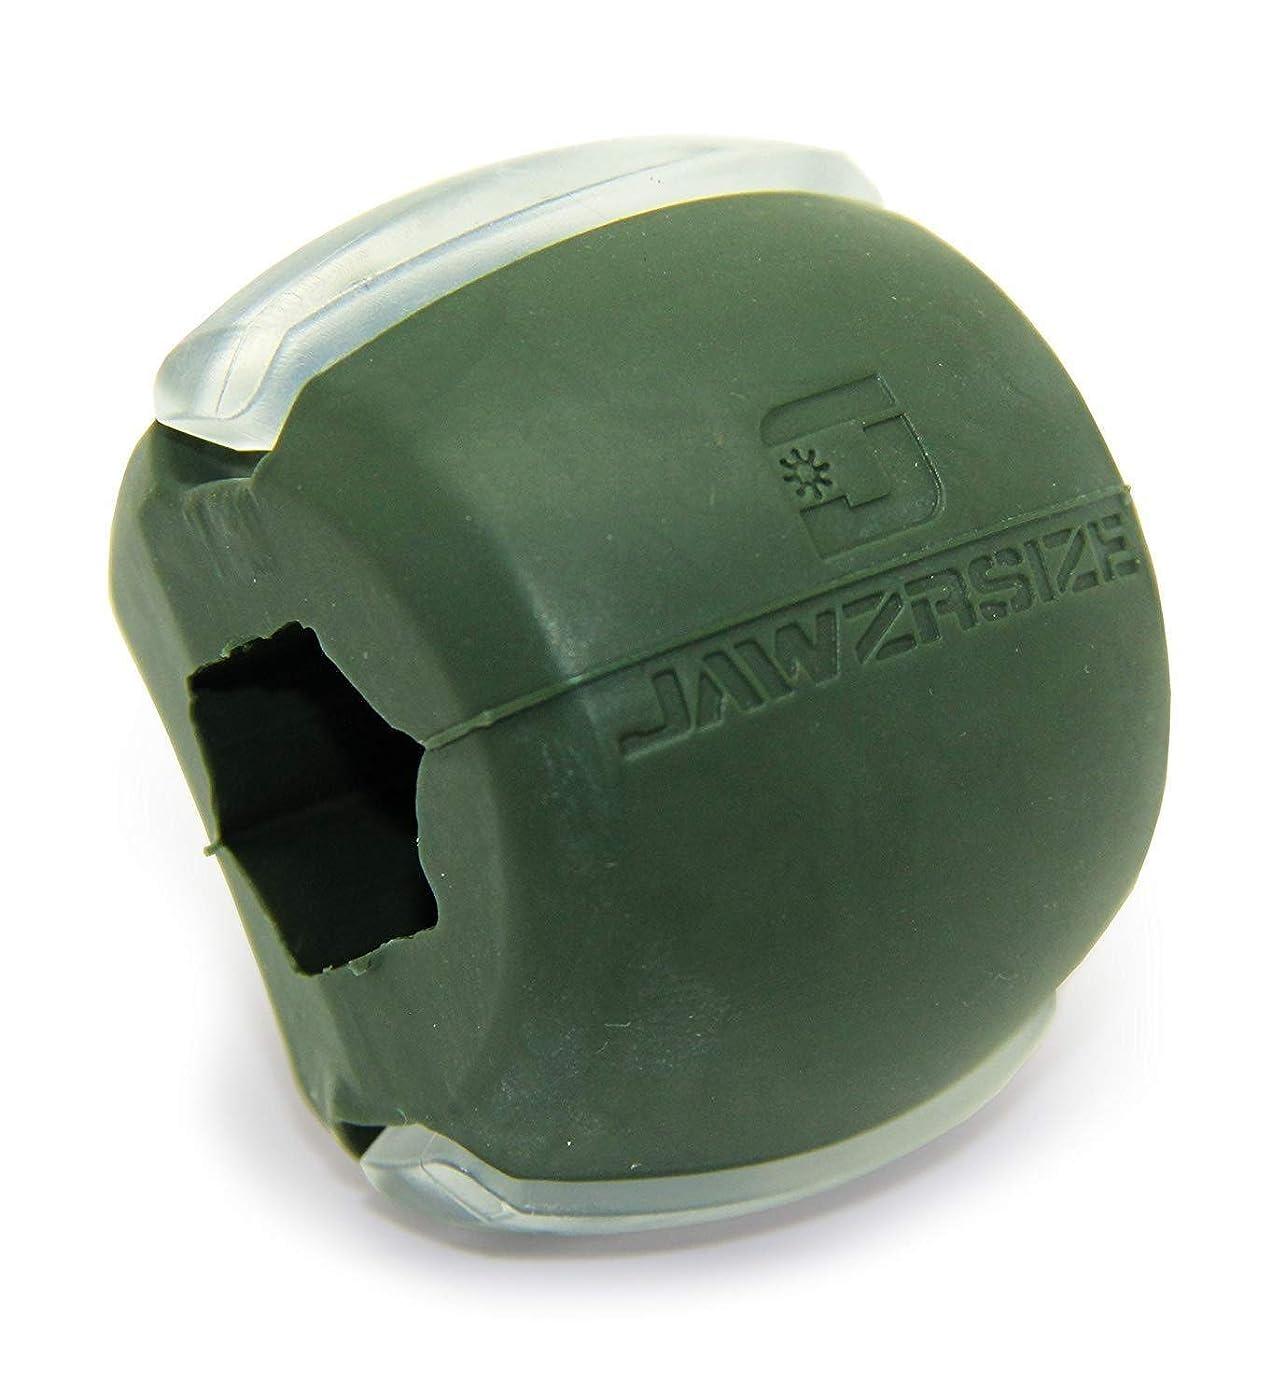 戻す宣言する凍結Jawzrsize フェイストナー、ジョーエクササイザ、ネックトーニング装置 (50 Lb. 抵抗) レベル3 - ミリタリーグリーン